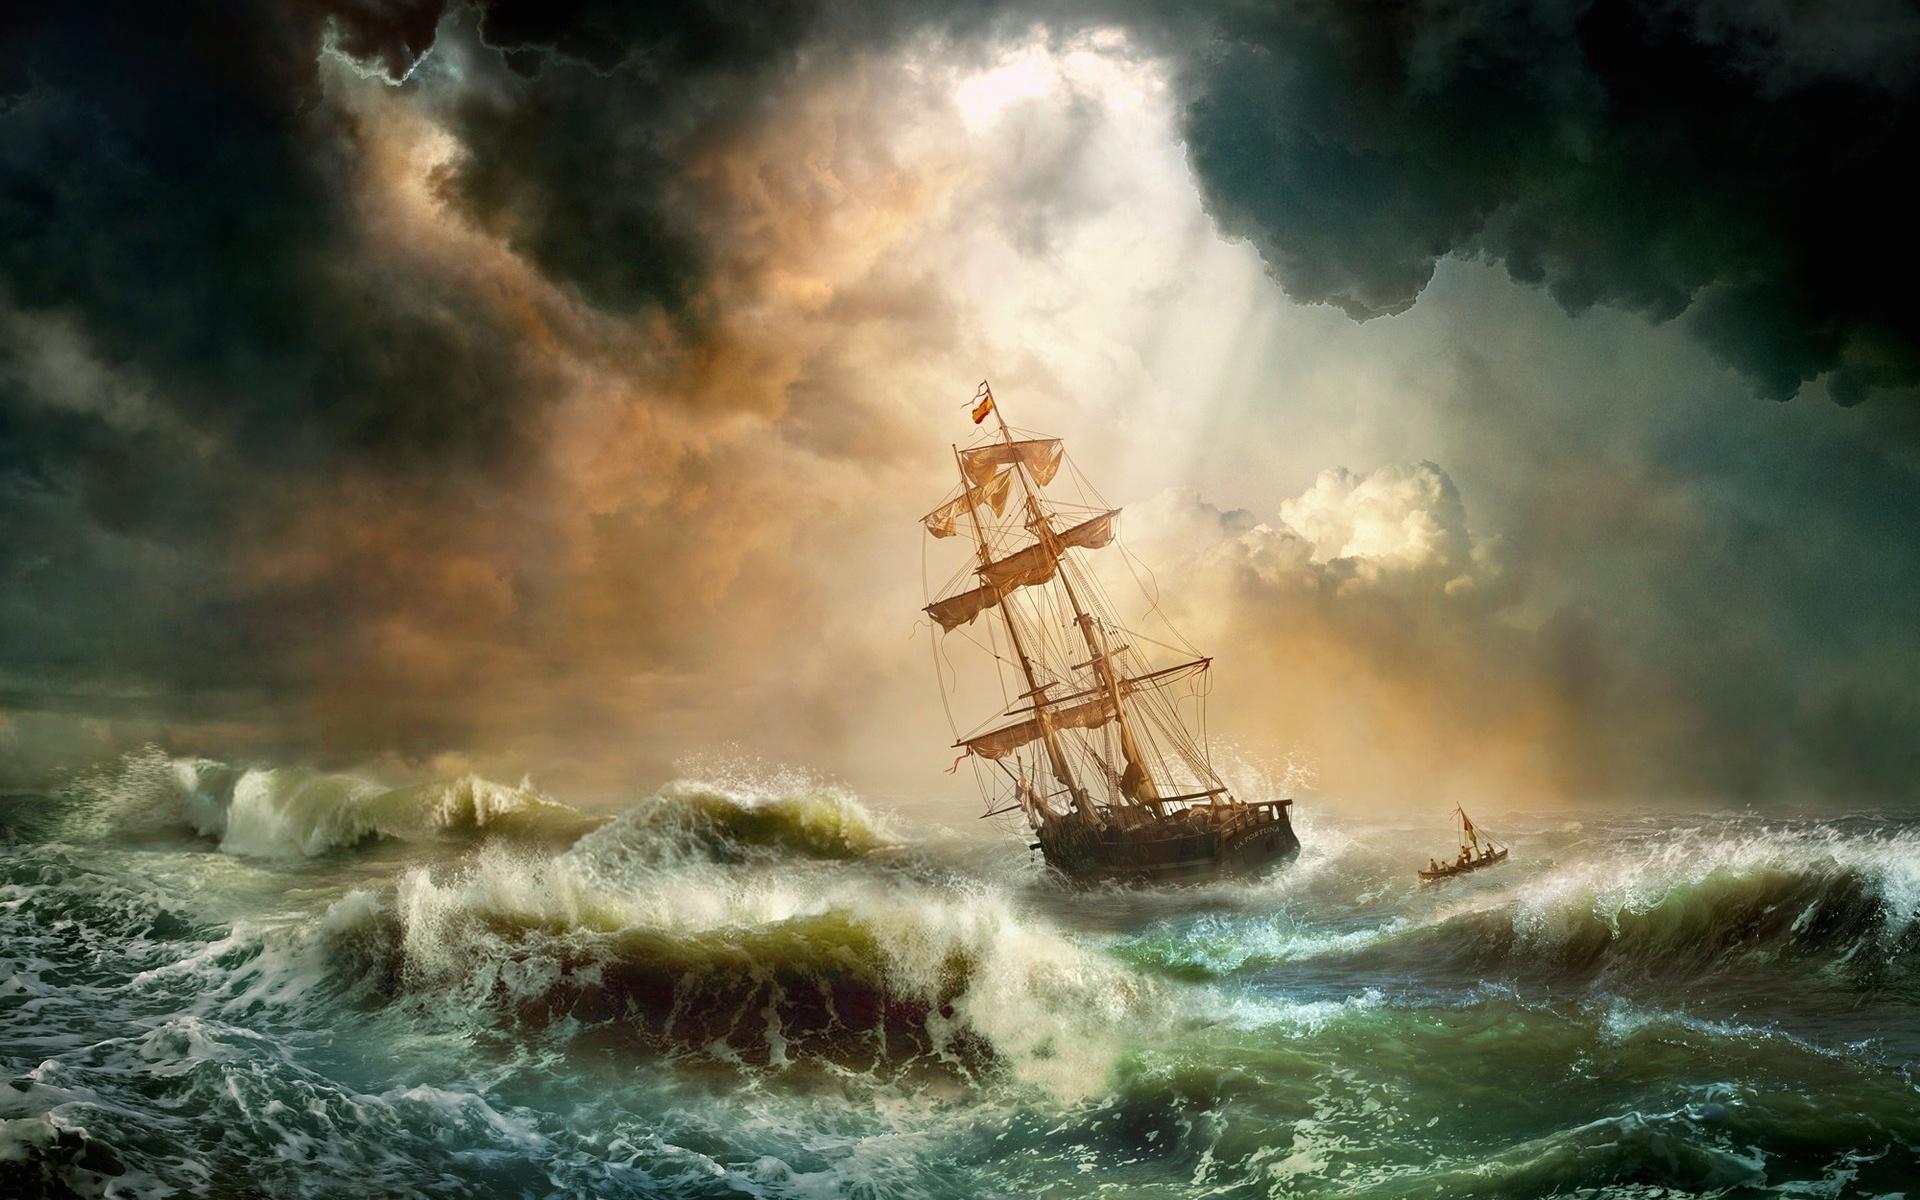 форме картинка парусник во время шторма гане популярны причудливые